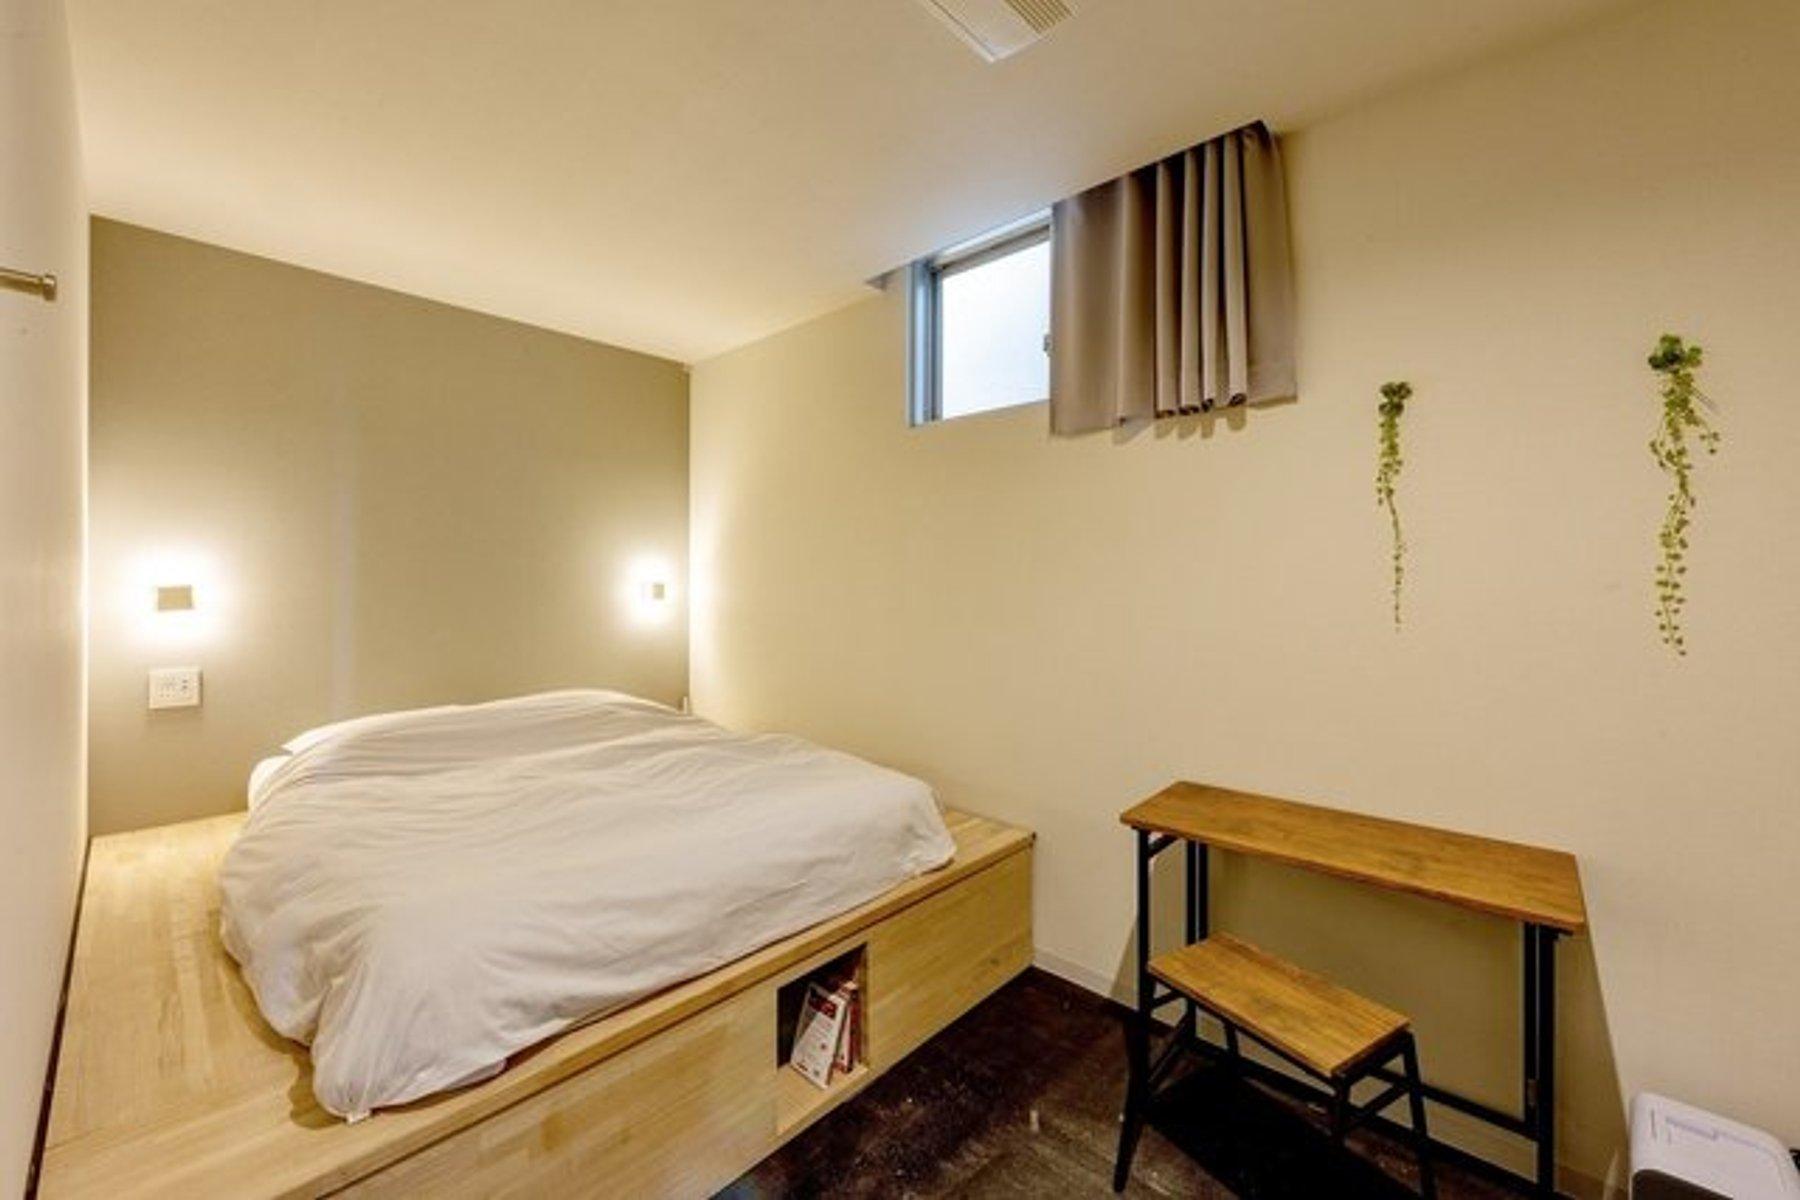 初めての一人暮らし。まずはおしゃれで安心の「ホテル暮らし」から始めませんか